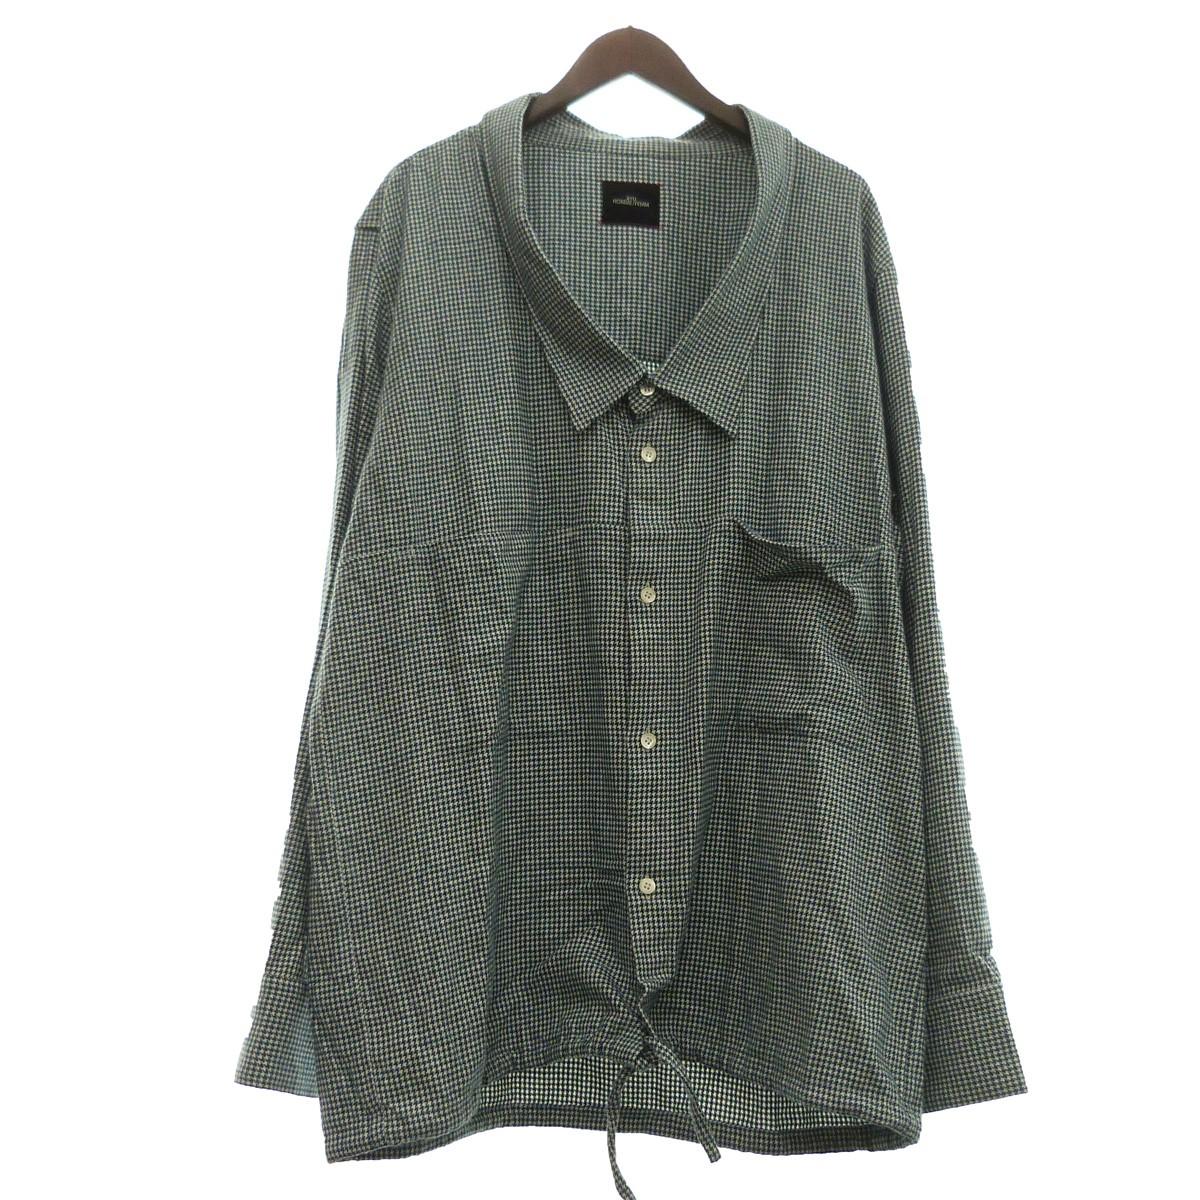 【中古】SYU. 19AW「OVER NECK SHIRTS JKT」オーバーネックチェックシャツジャケット グリーン サイズ:2 【130420】(シュウ)